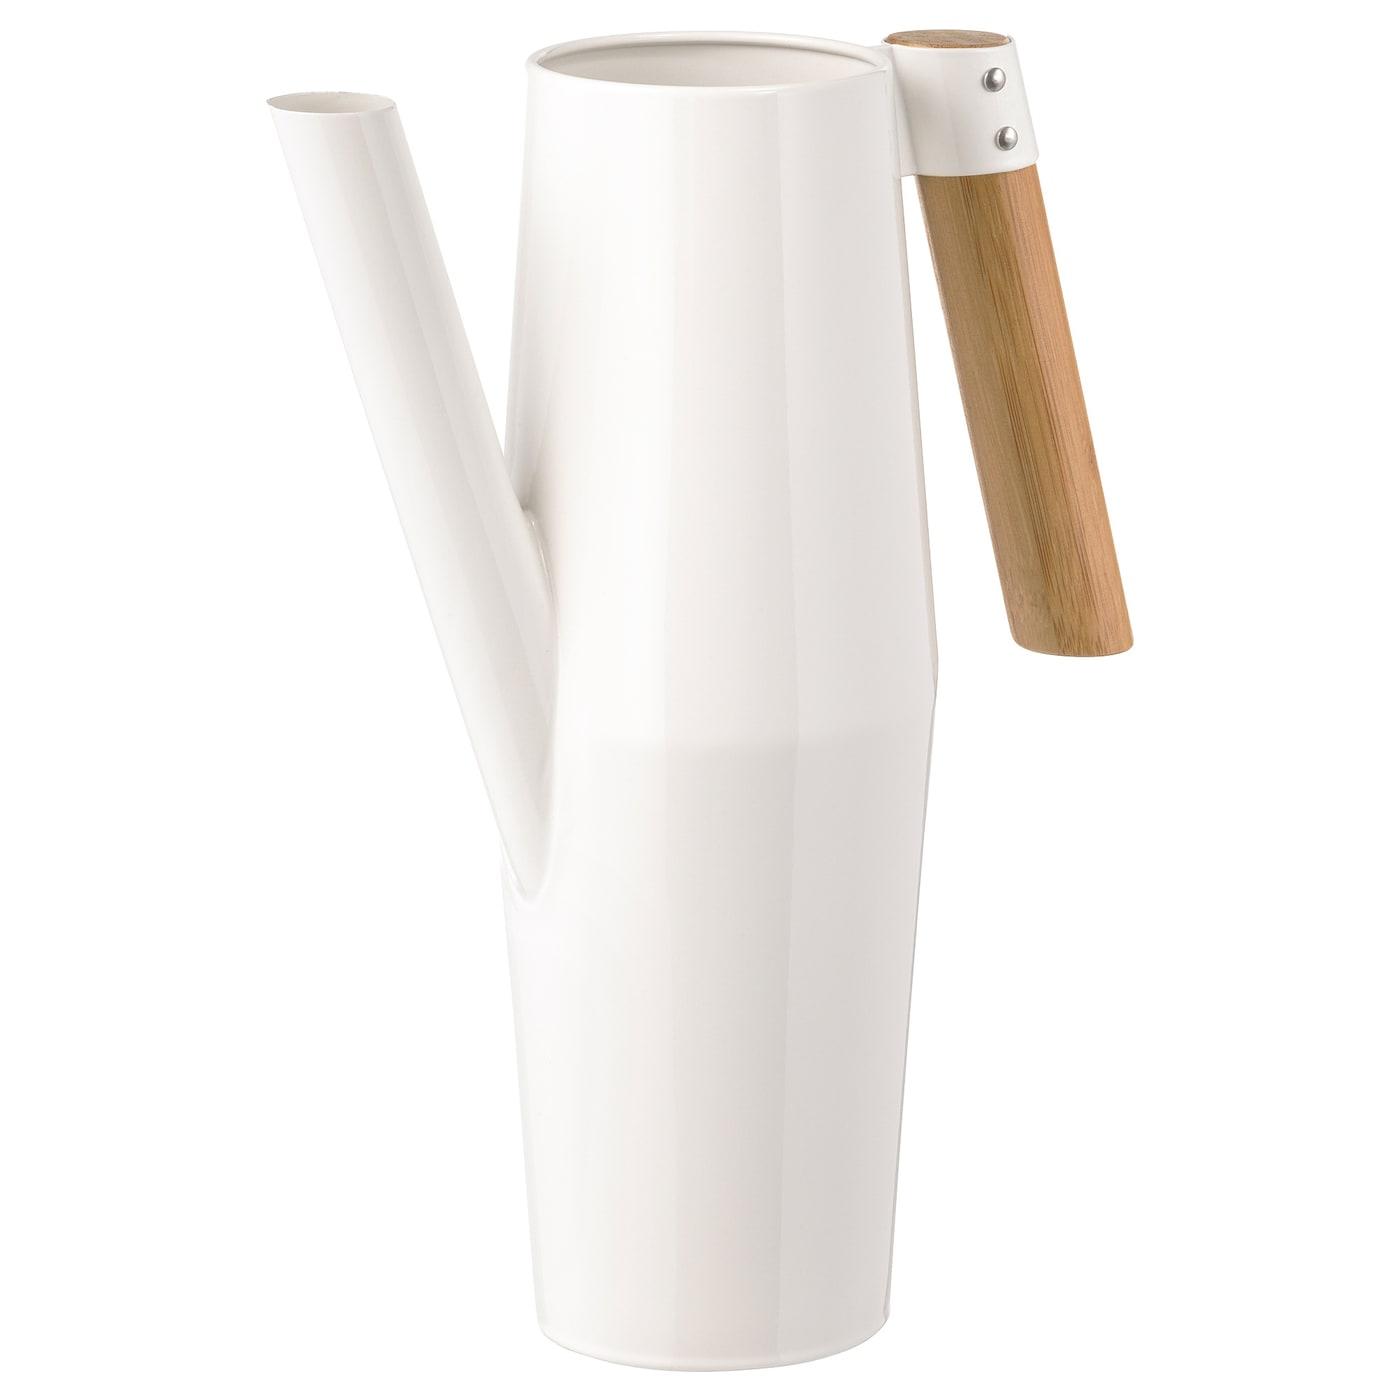 Bittergurka Watering Can White Ikea